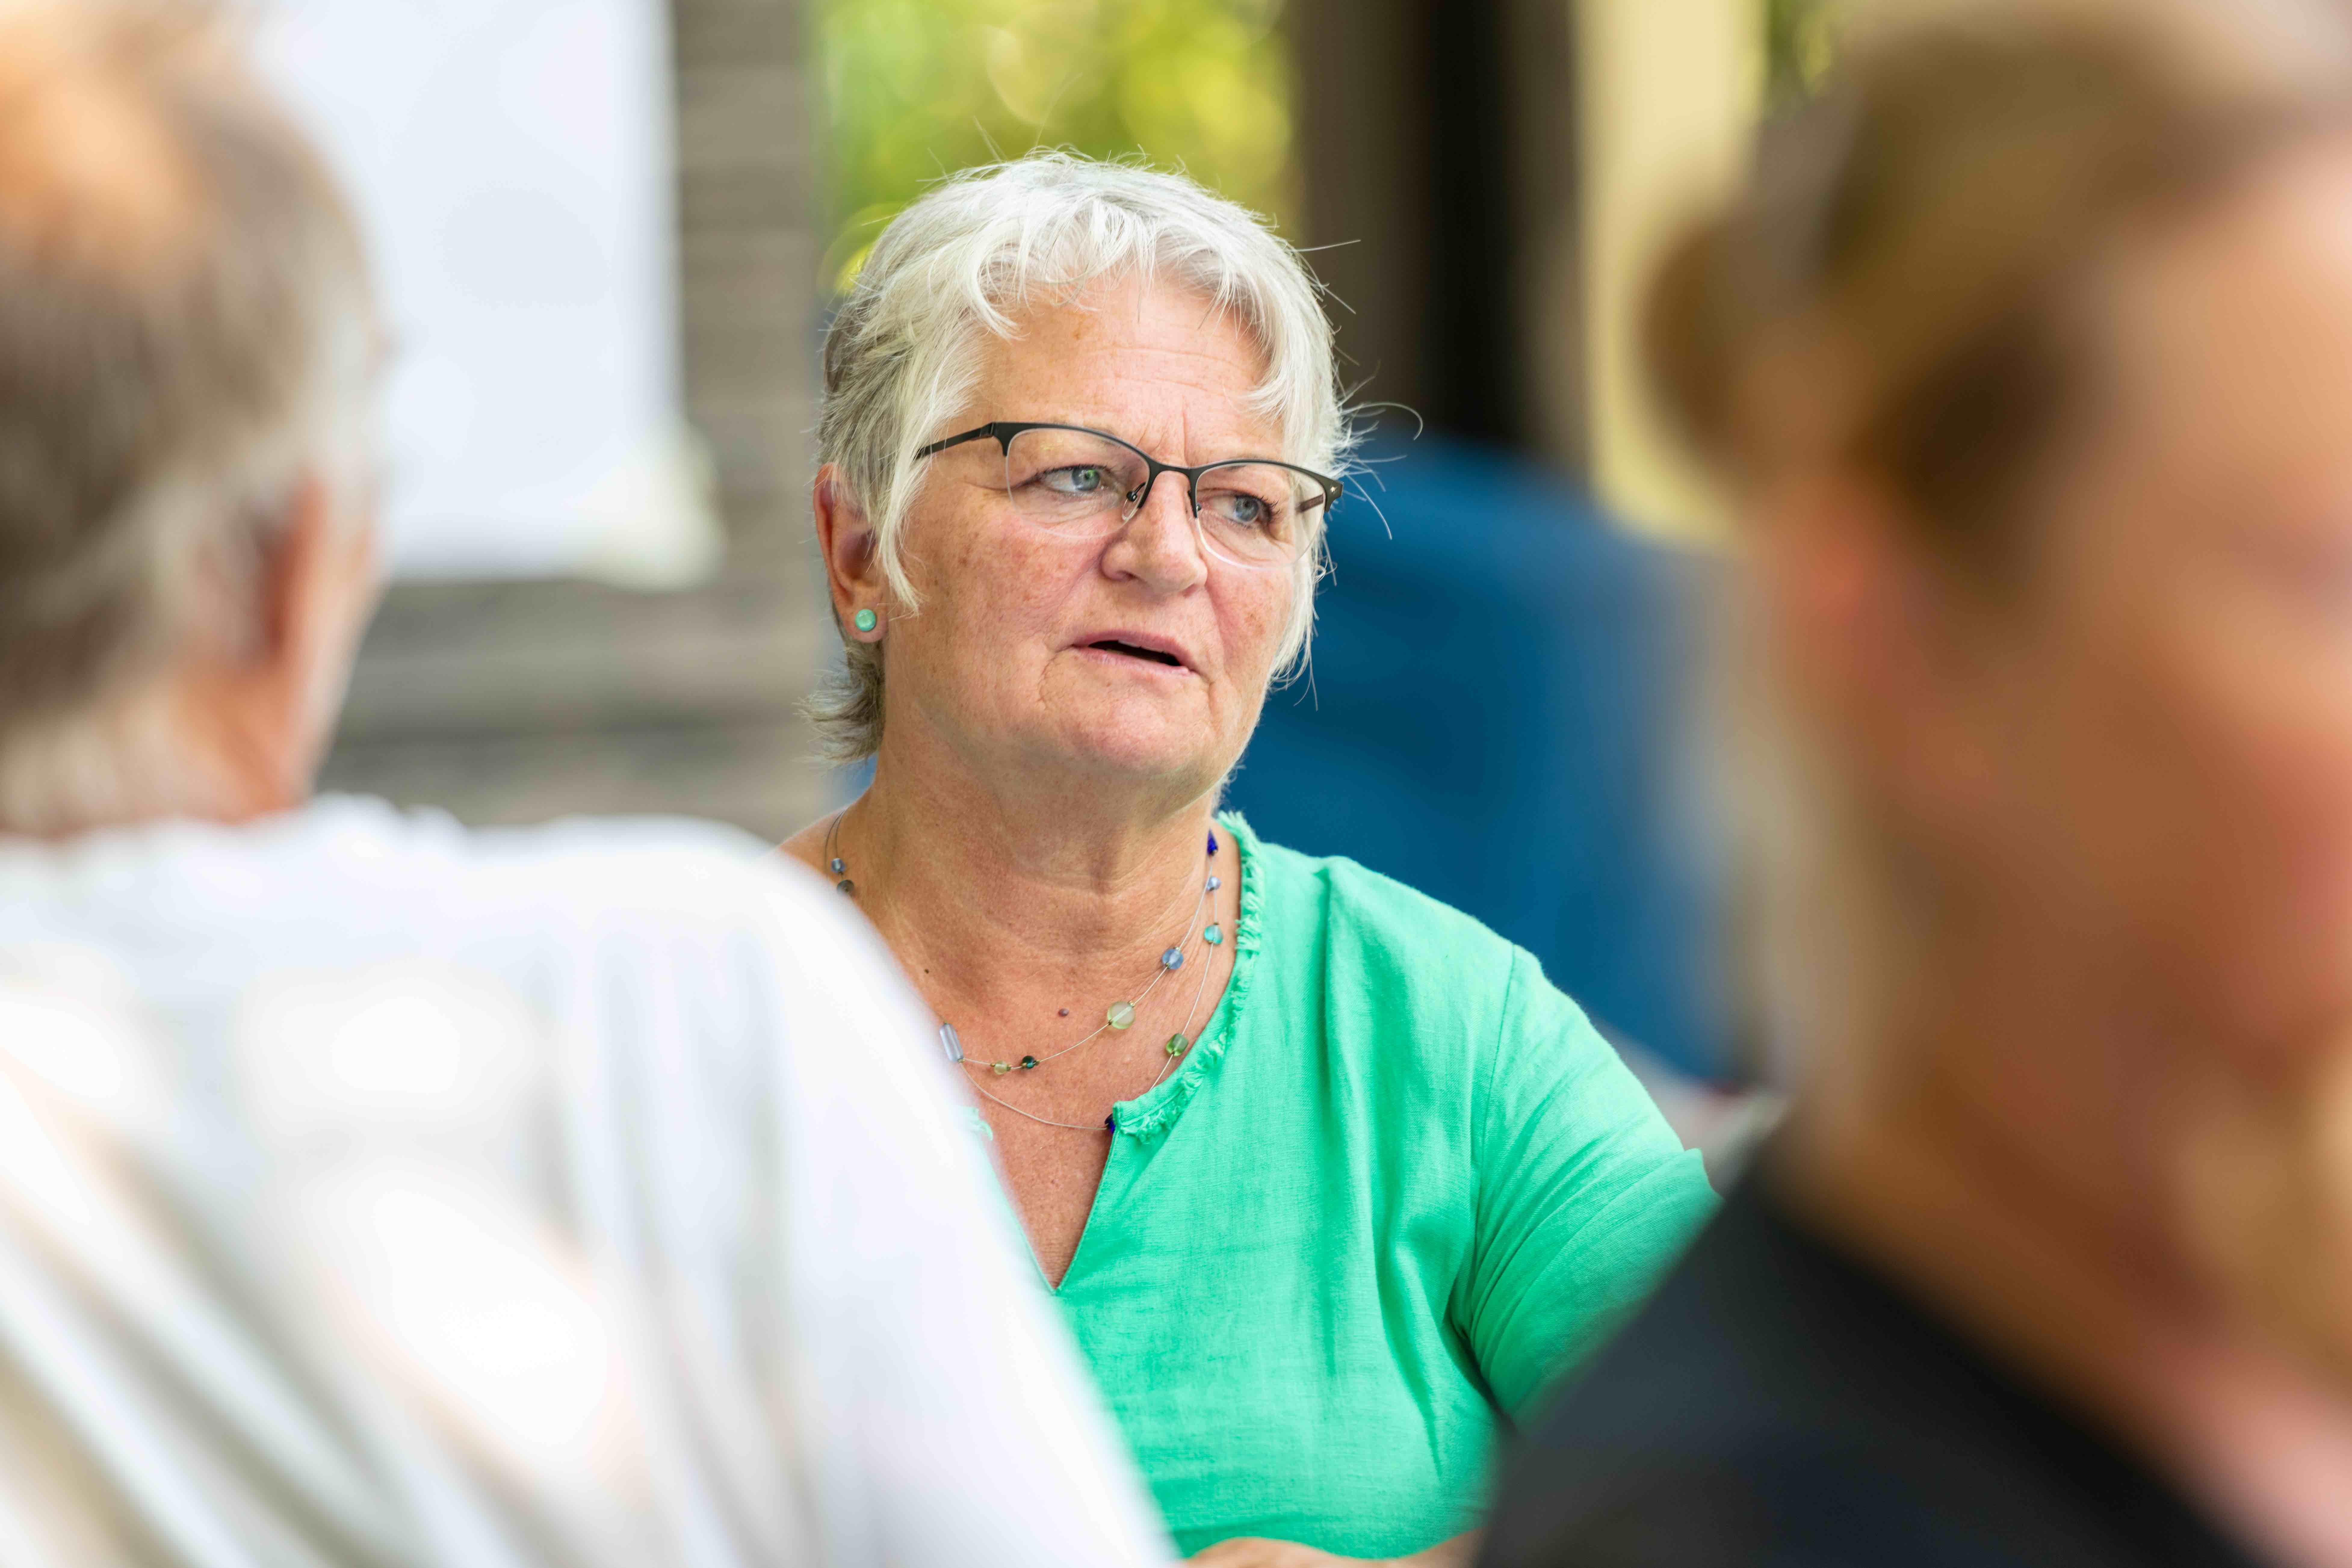 Maria Hämmerle, 64, Lustenau